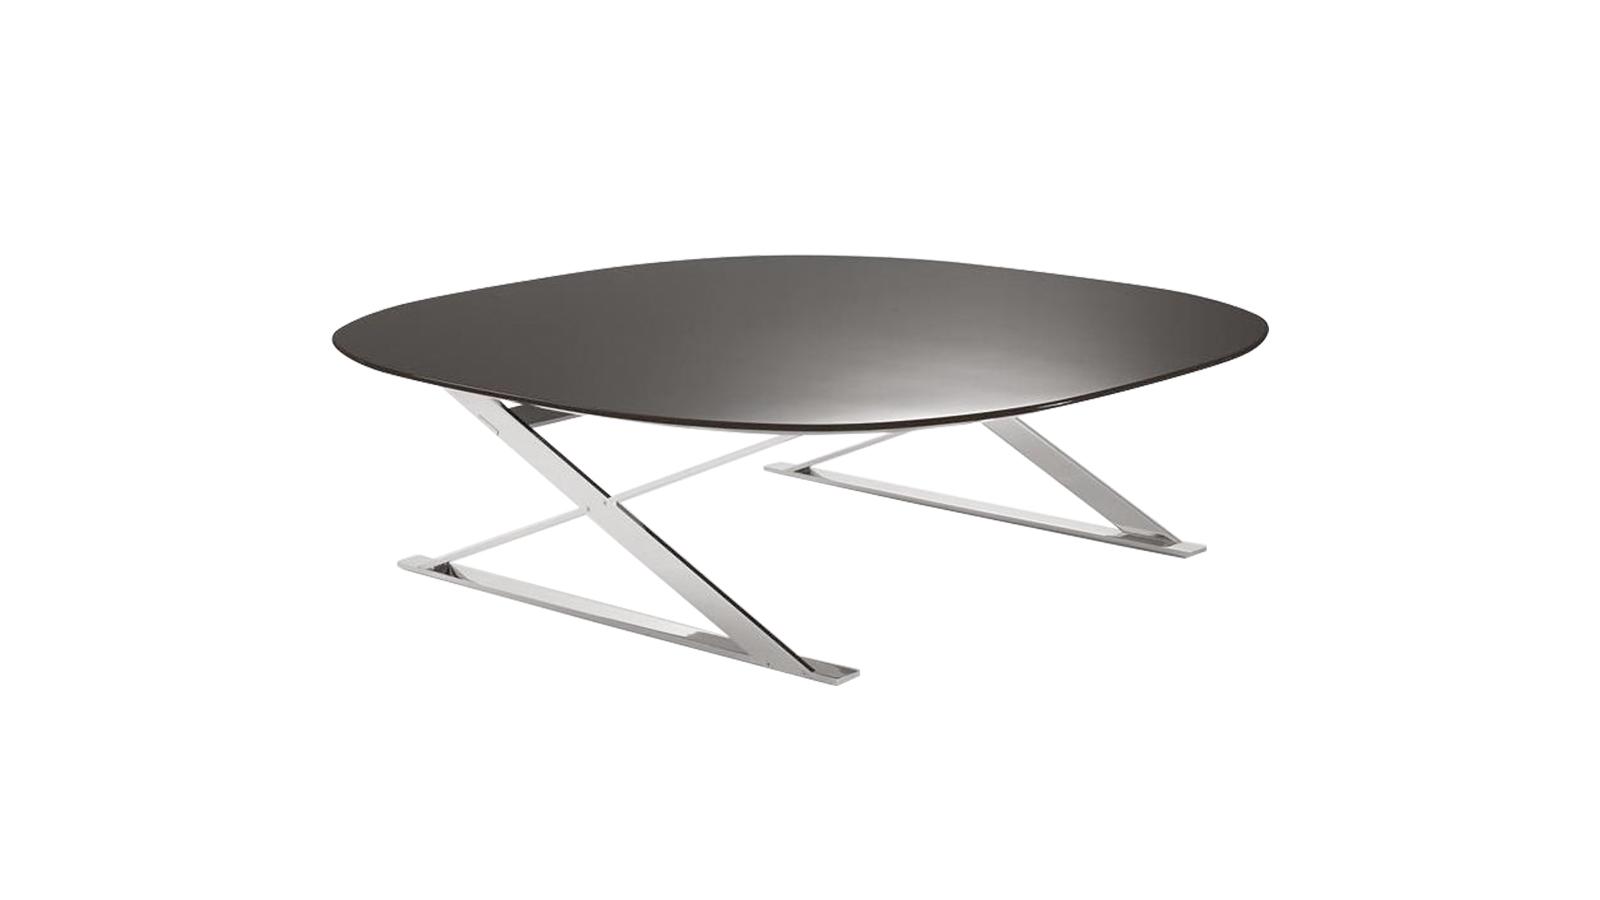 Az X alakú lábazat és a lakkozott fa asztallap párosa, a Pathos élettel tölti meg az enteriőrt. A rugószerű váznak és az asztalon játszó fényeknek köszönhetően mintha állandó mozgásban lenne, karakteres megjelenése mellett pedig senki nem tud szó nélkül elmenni. Számos méretben és színváltozatban is elérhető.